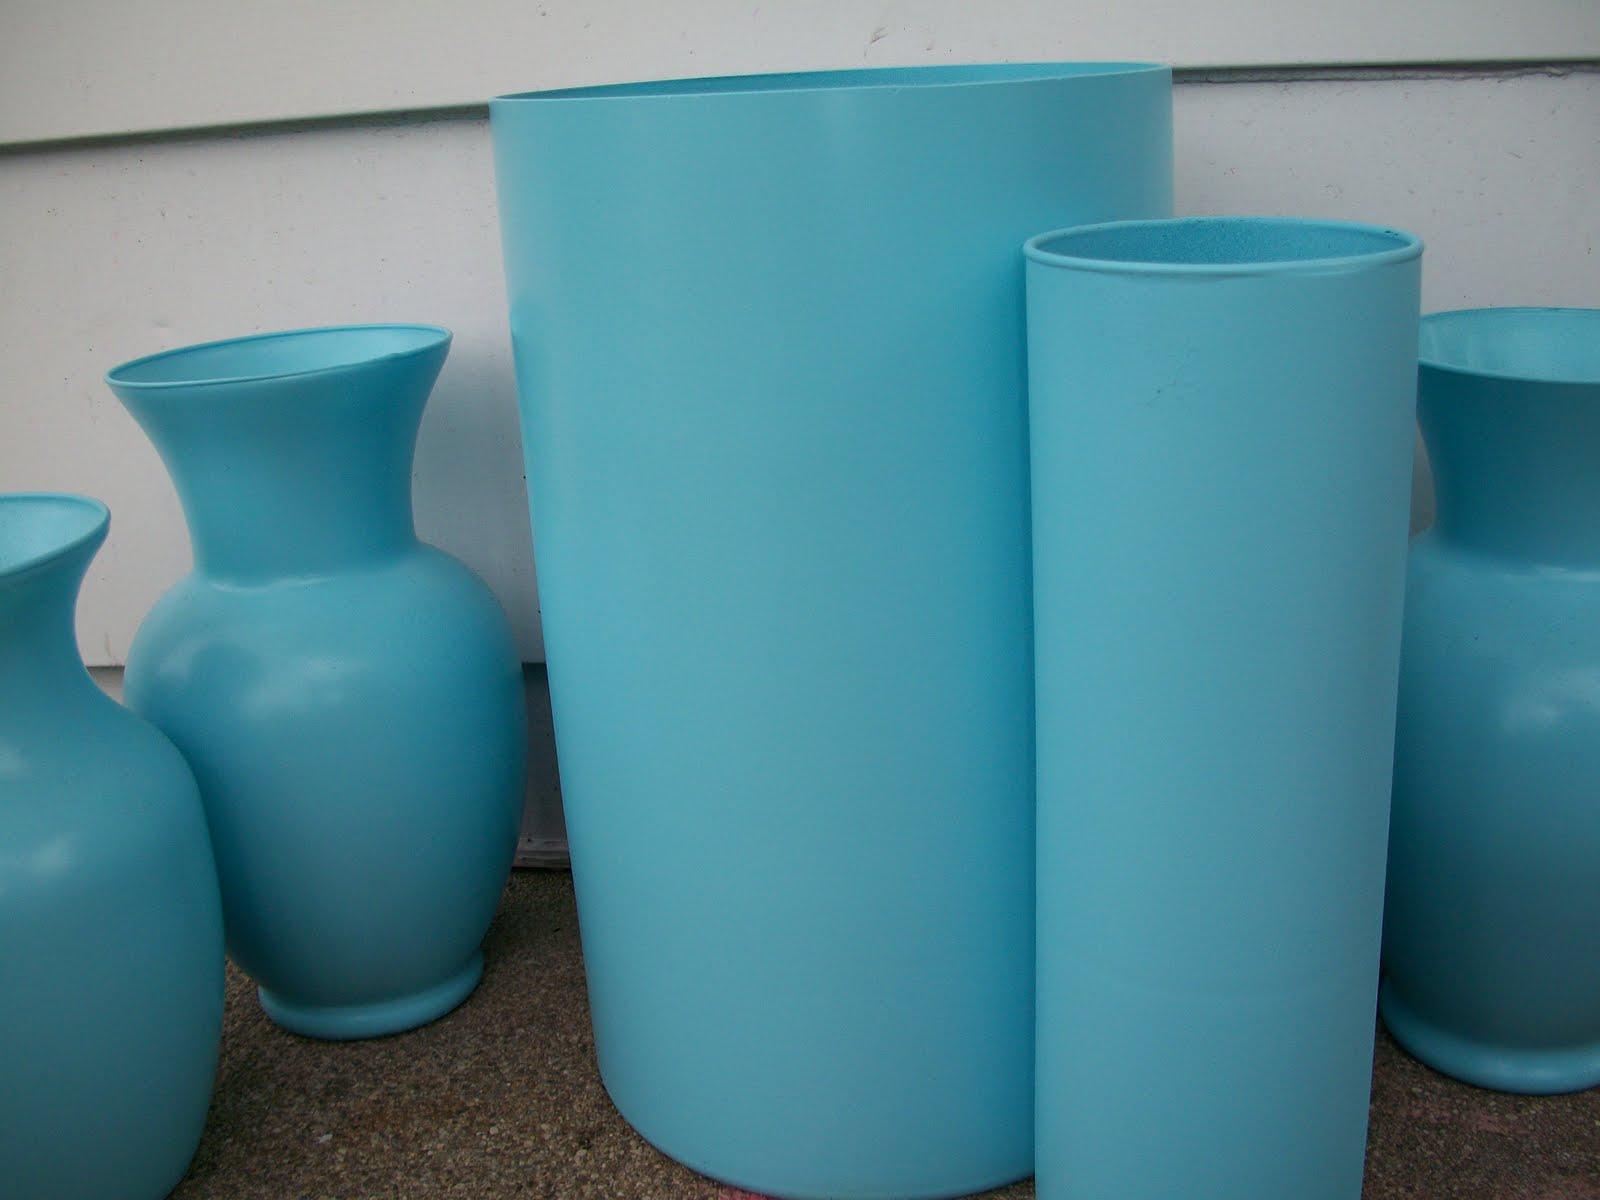 spray paint glass vase vases sale. Black Bedroom Furniture Sets. Home Design Ideas